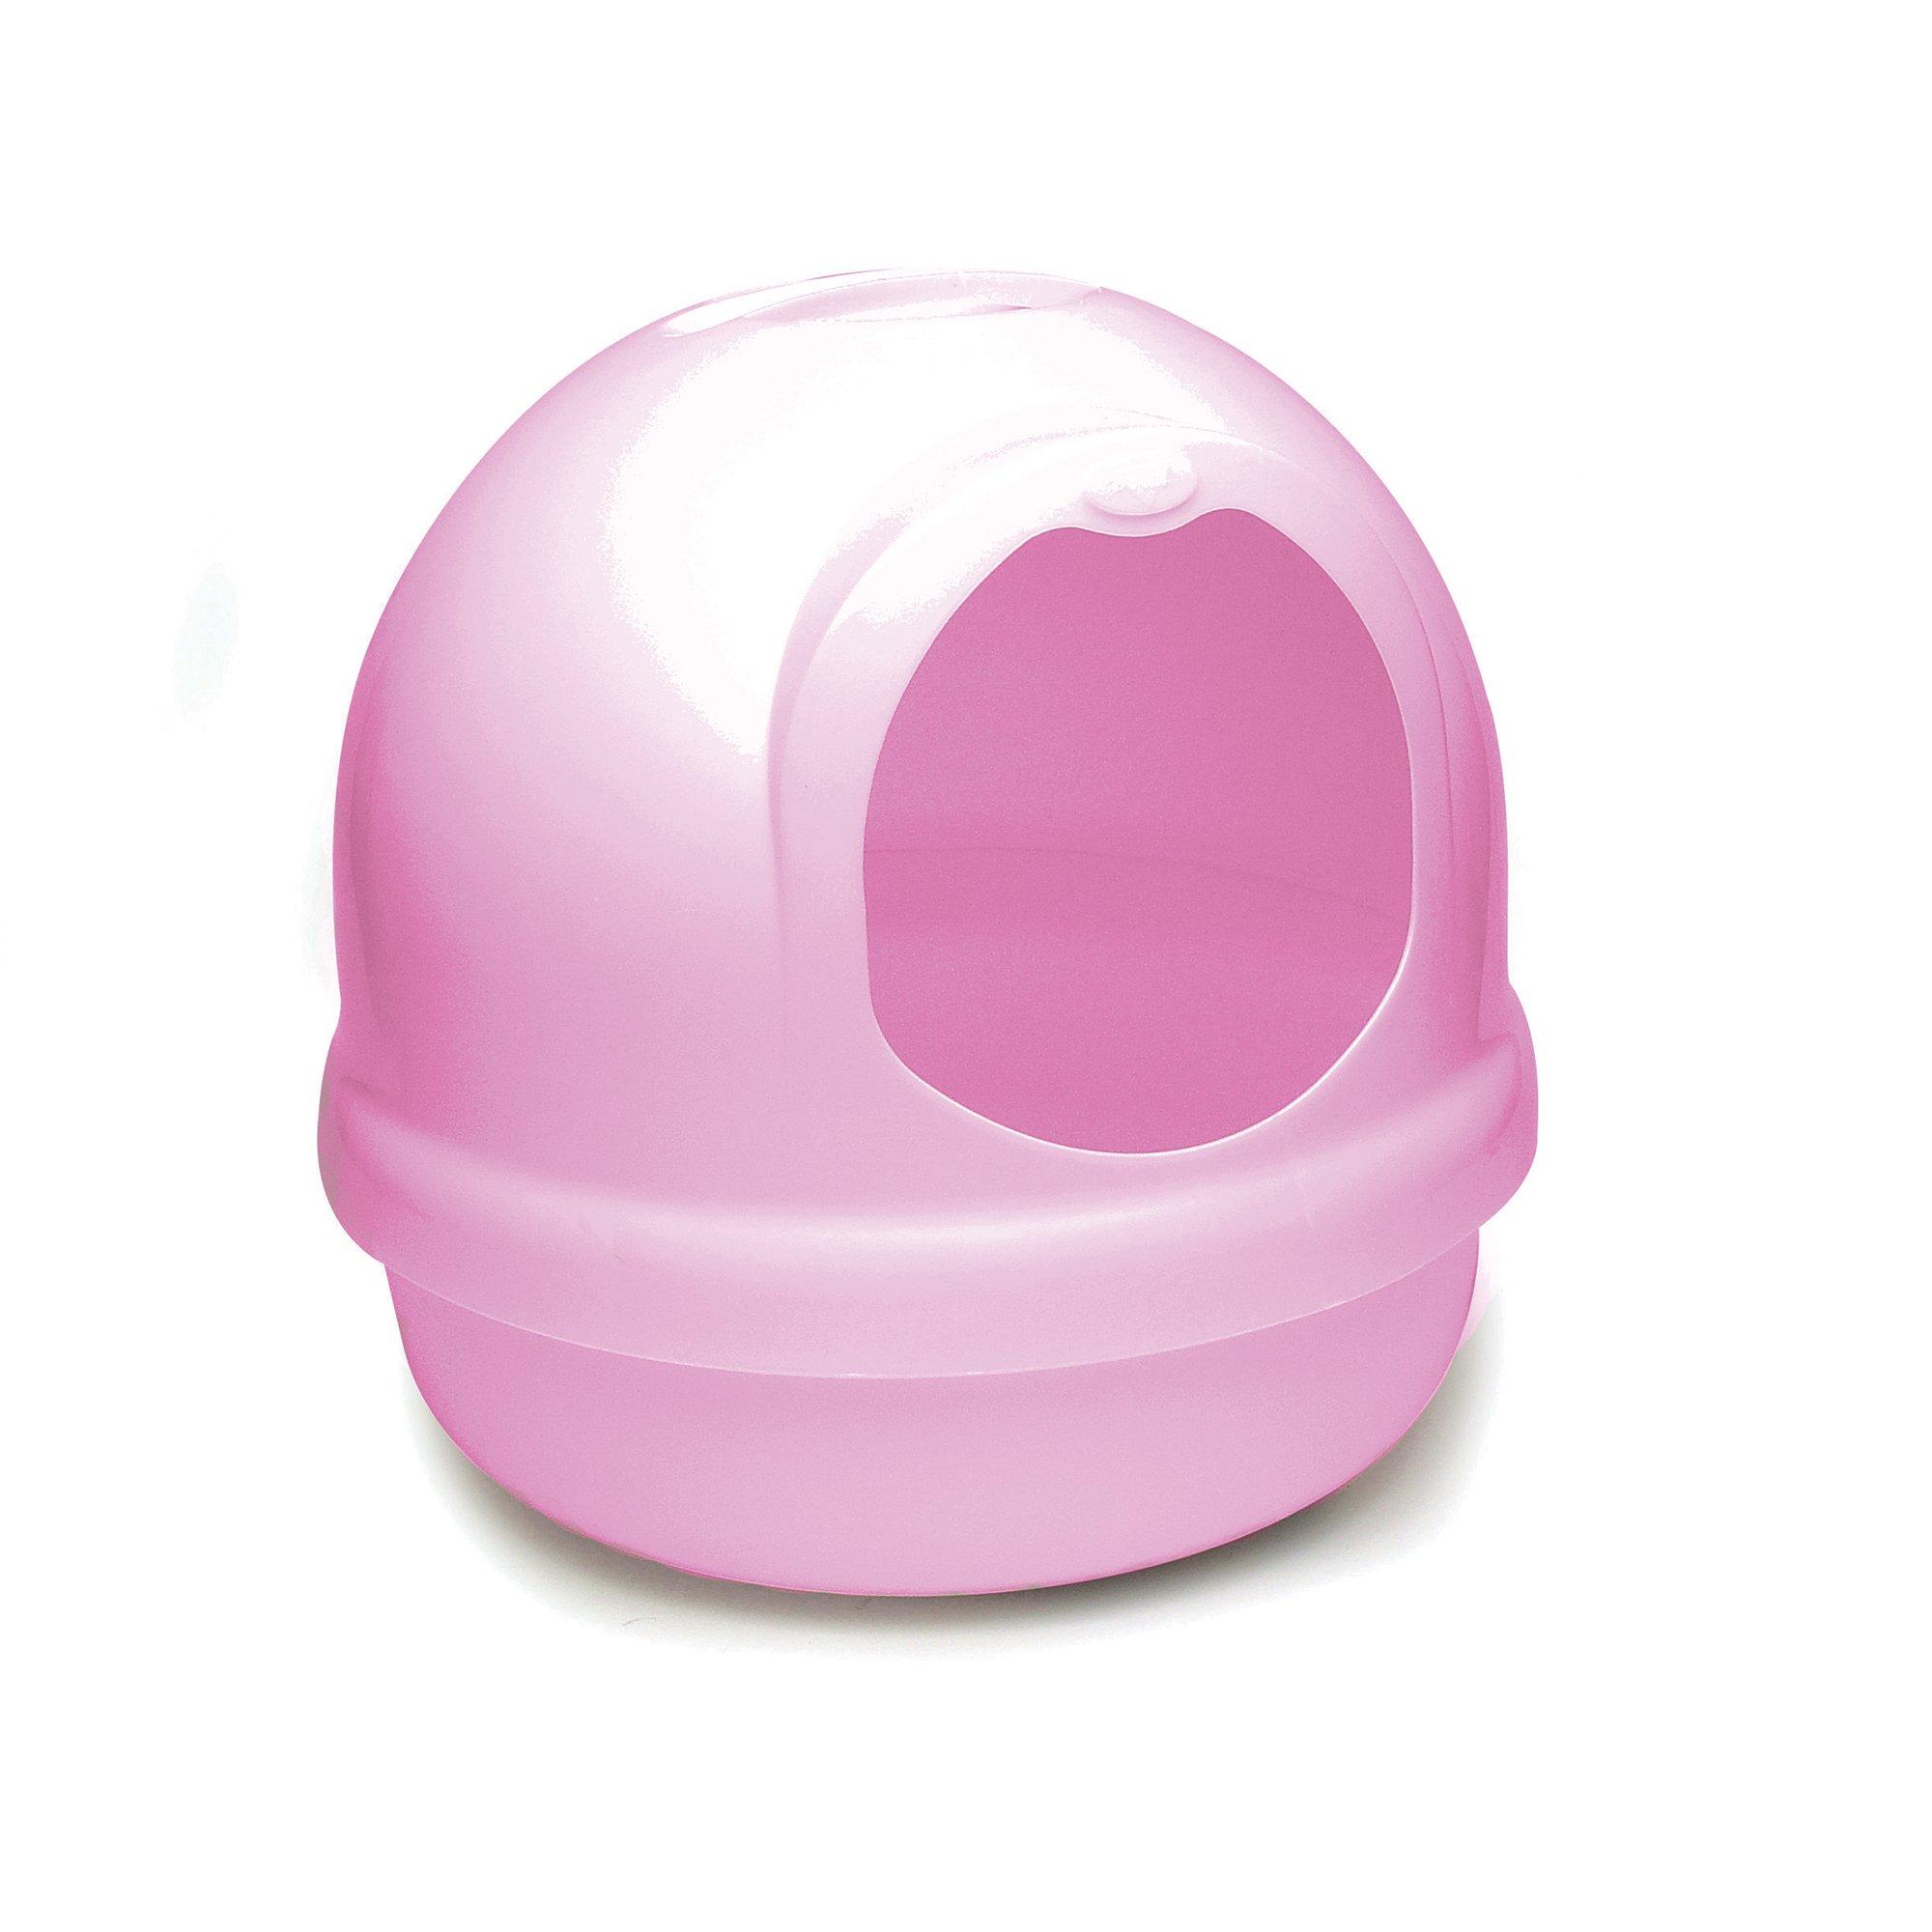 Booda Dome Pink Litter Box Petco